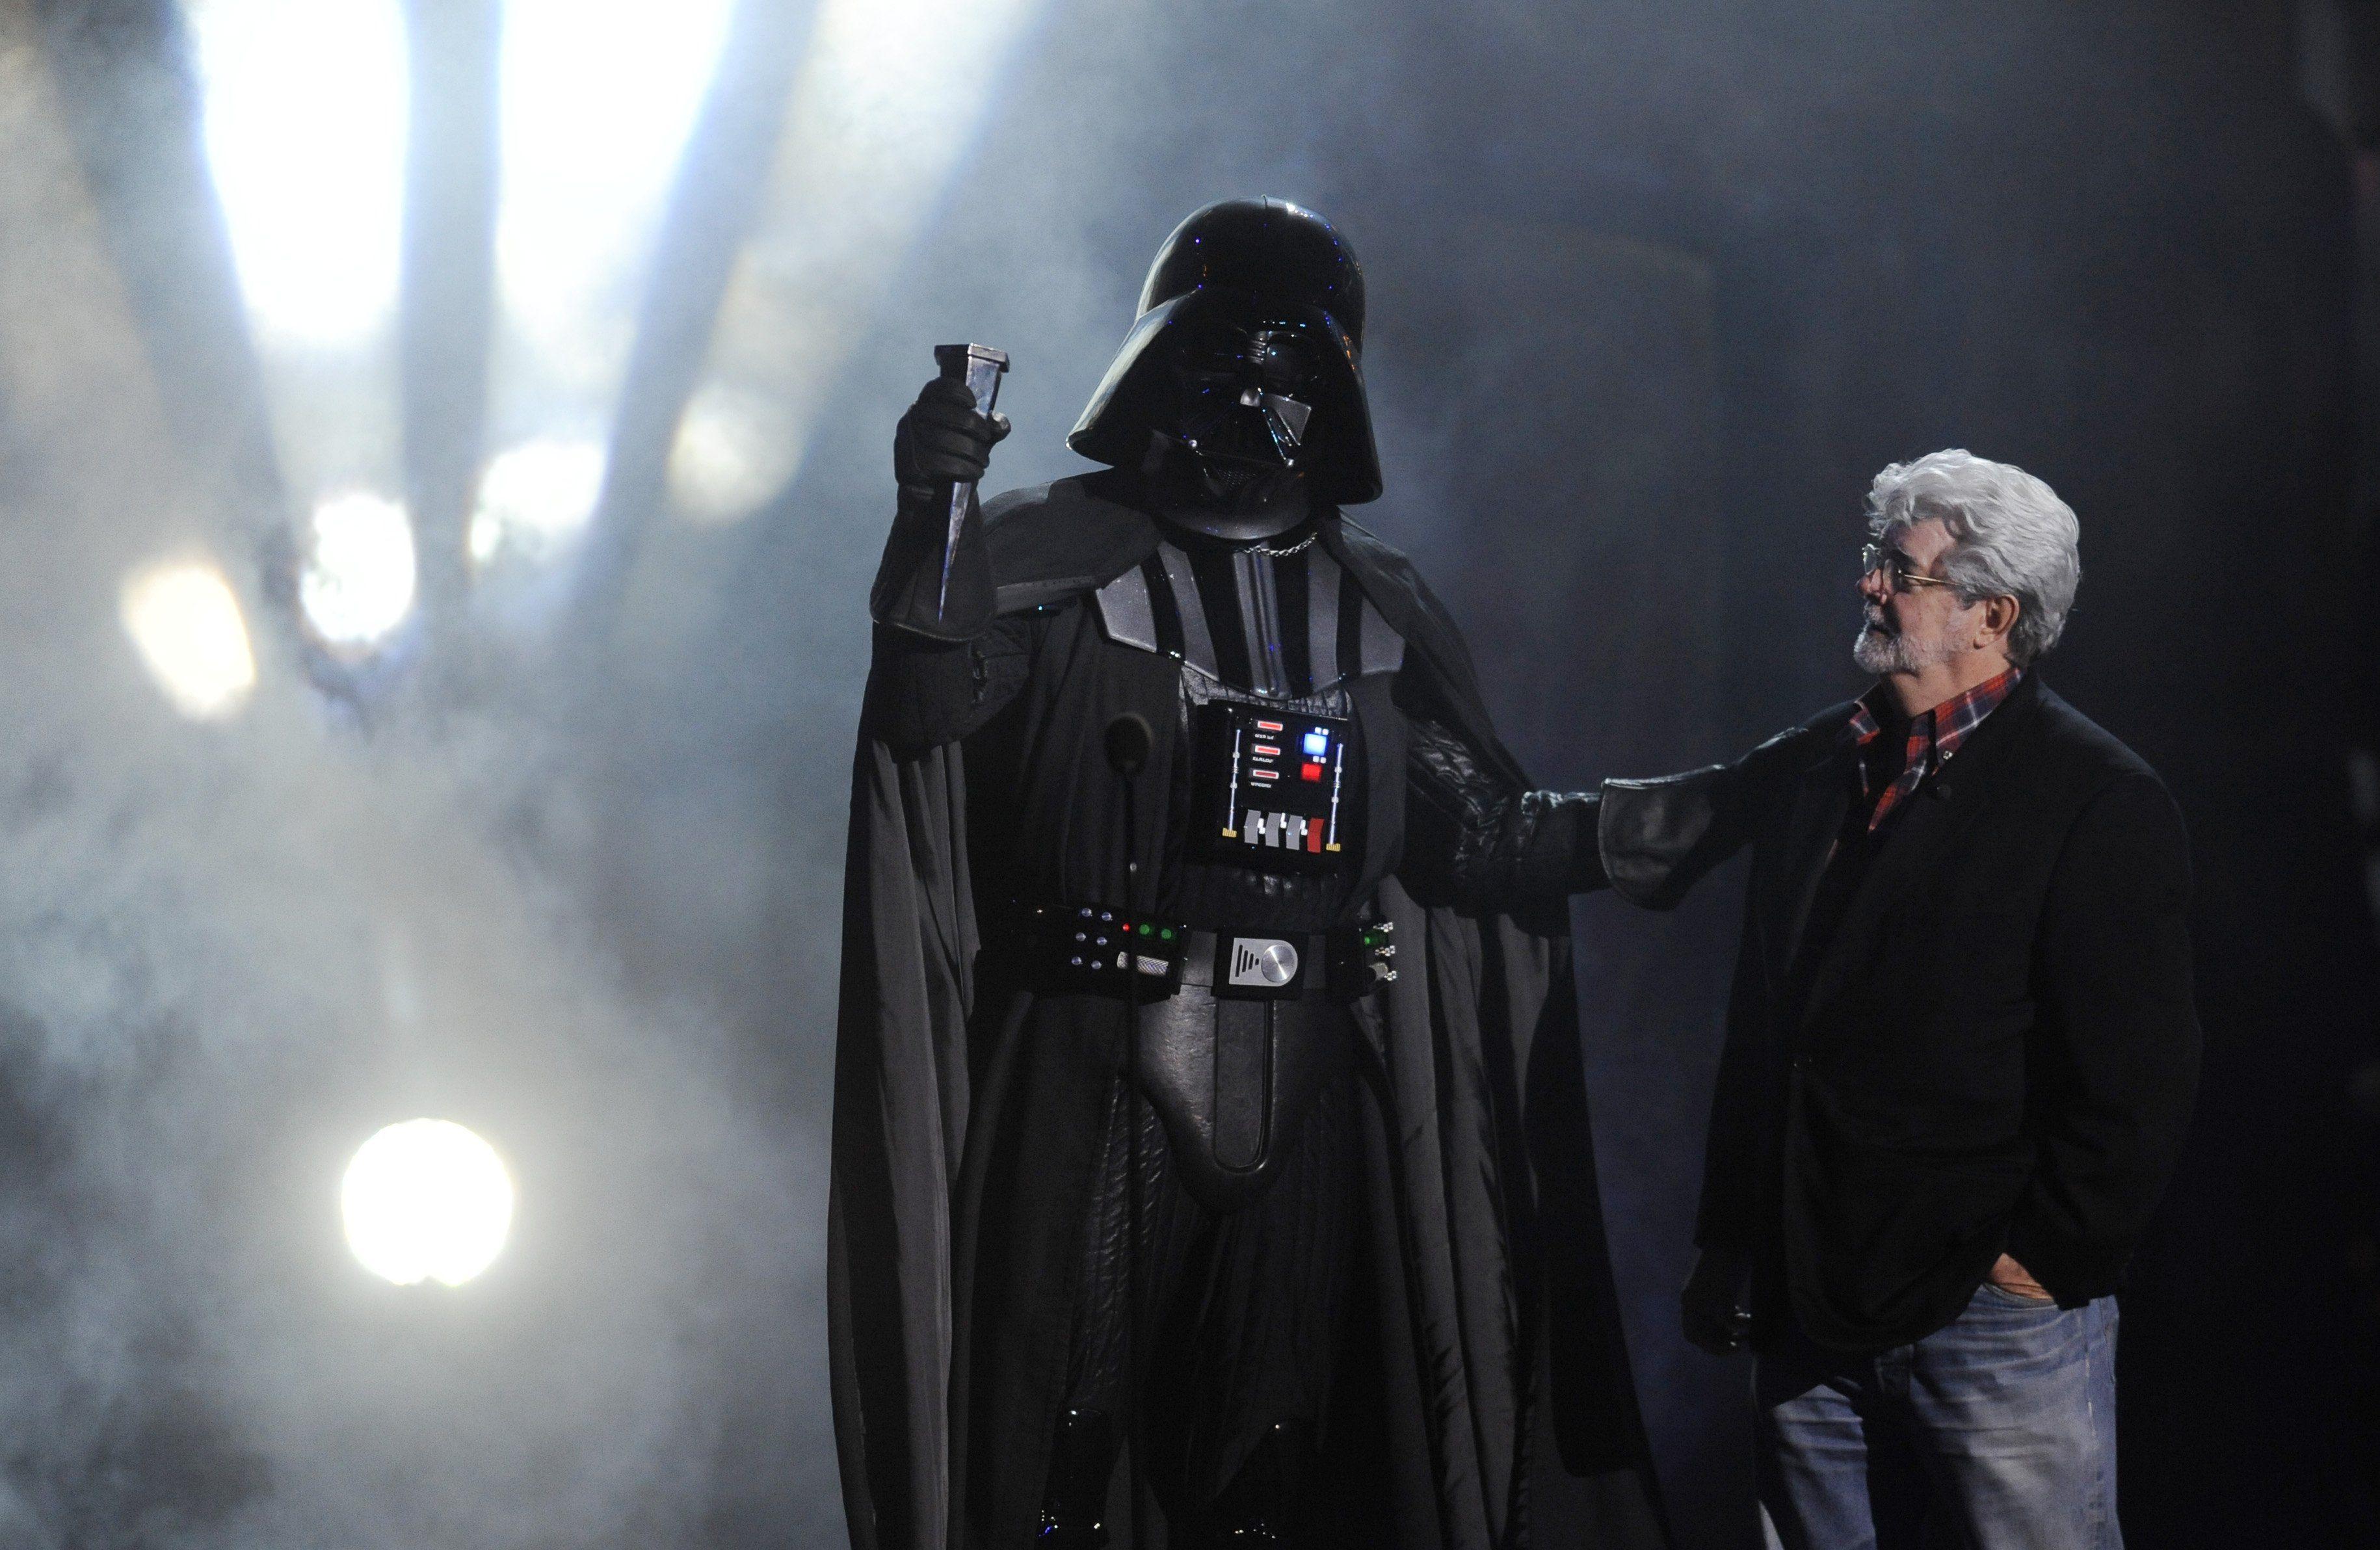 Специалисты назвали возраст типичного поклонника «Звездных войн»